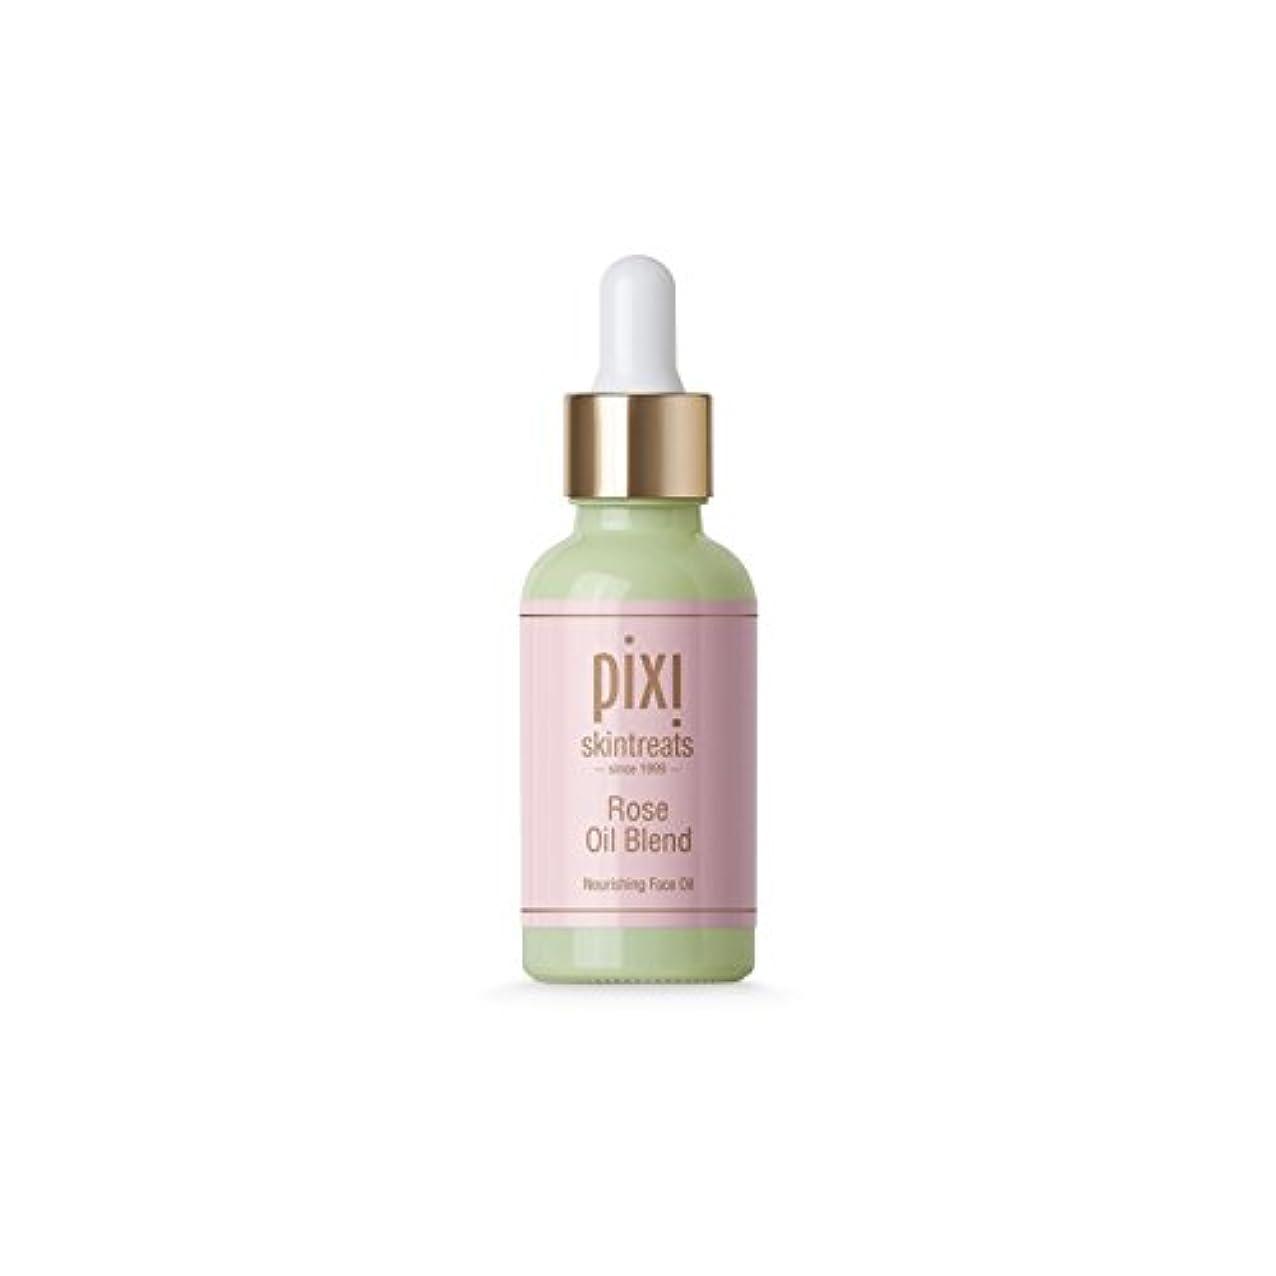 フライト中絶魔術は、油ブレンドをバラ x2 - Pixi Rose Oil Blend (Pack of 2) [並行輸入品]